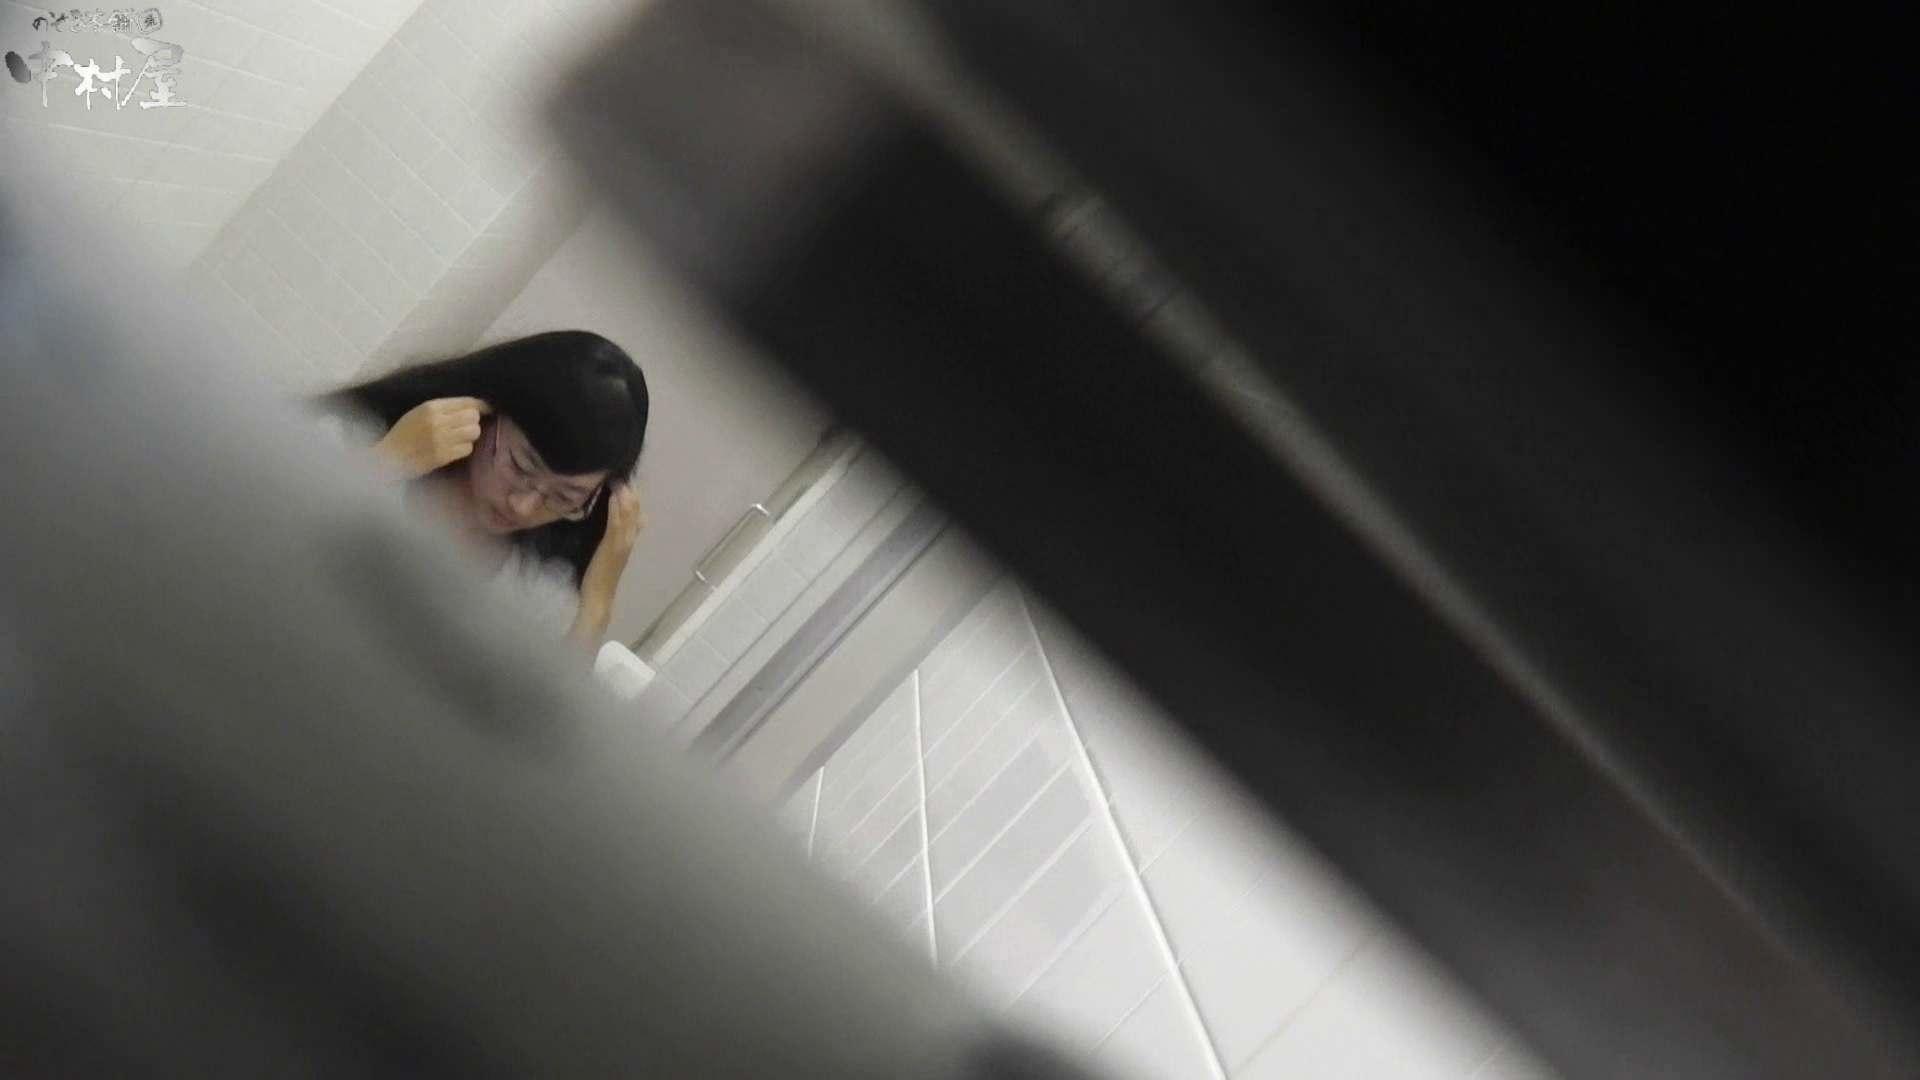 vol.07 命がけ潜伏洗面所! パンツの跡(ひも付き) 潜入 | 洗面所  13pic 9